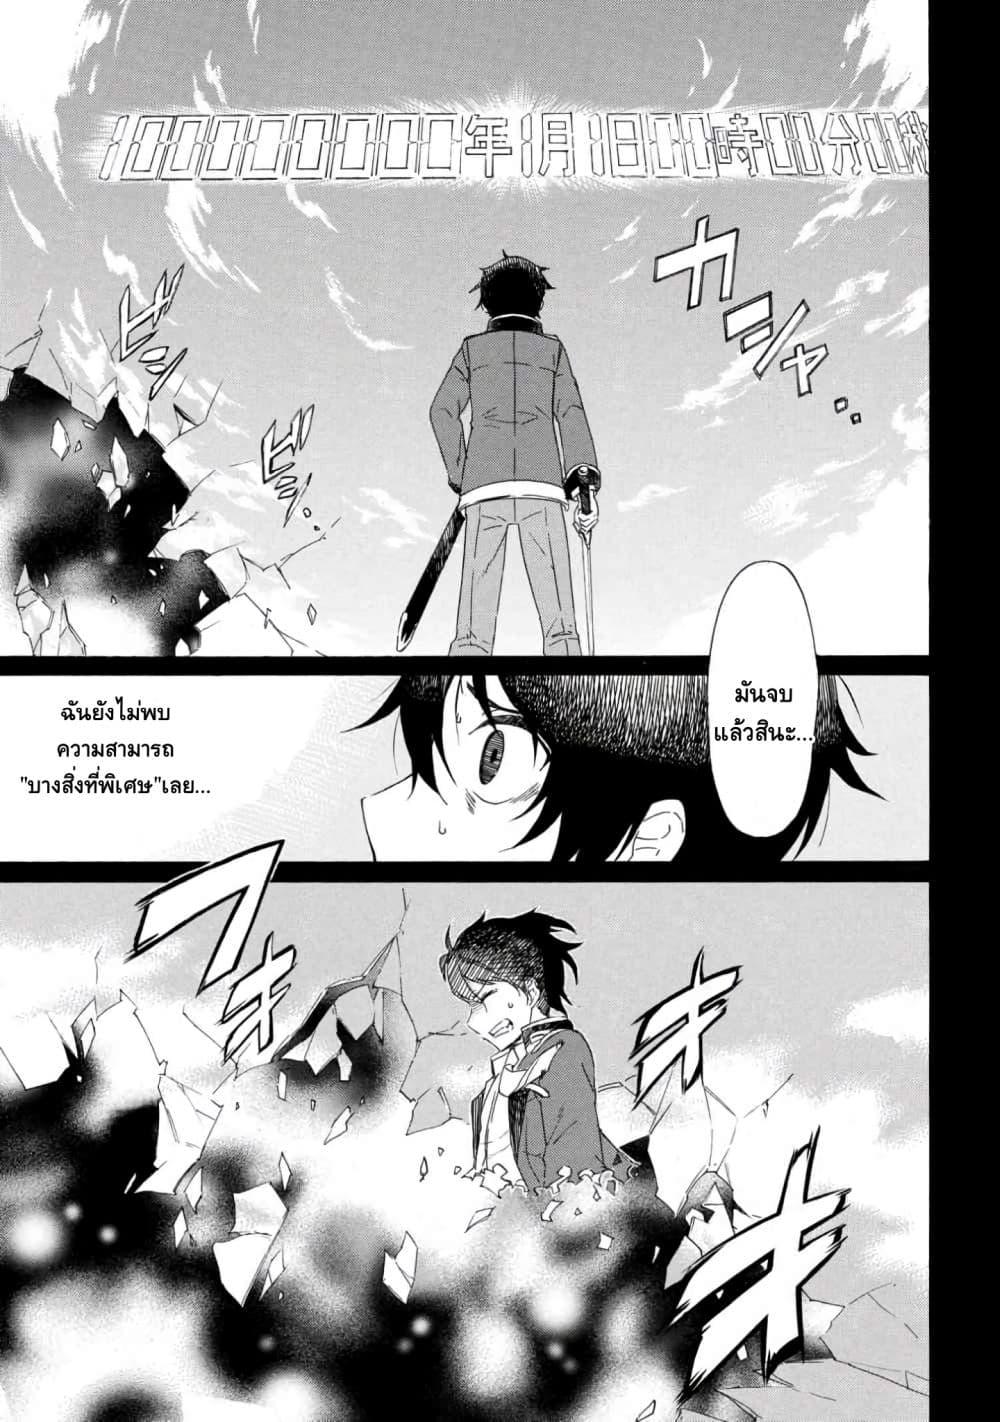 อ่านการ์ตูน Ichioku-nen Button o Renda Shita Ore wa Kizuitara Saikyou ni Natteita ตอนที่ 1.3 หน้าที่ 13